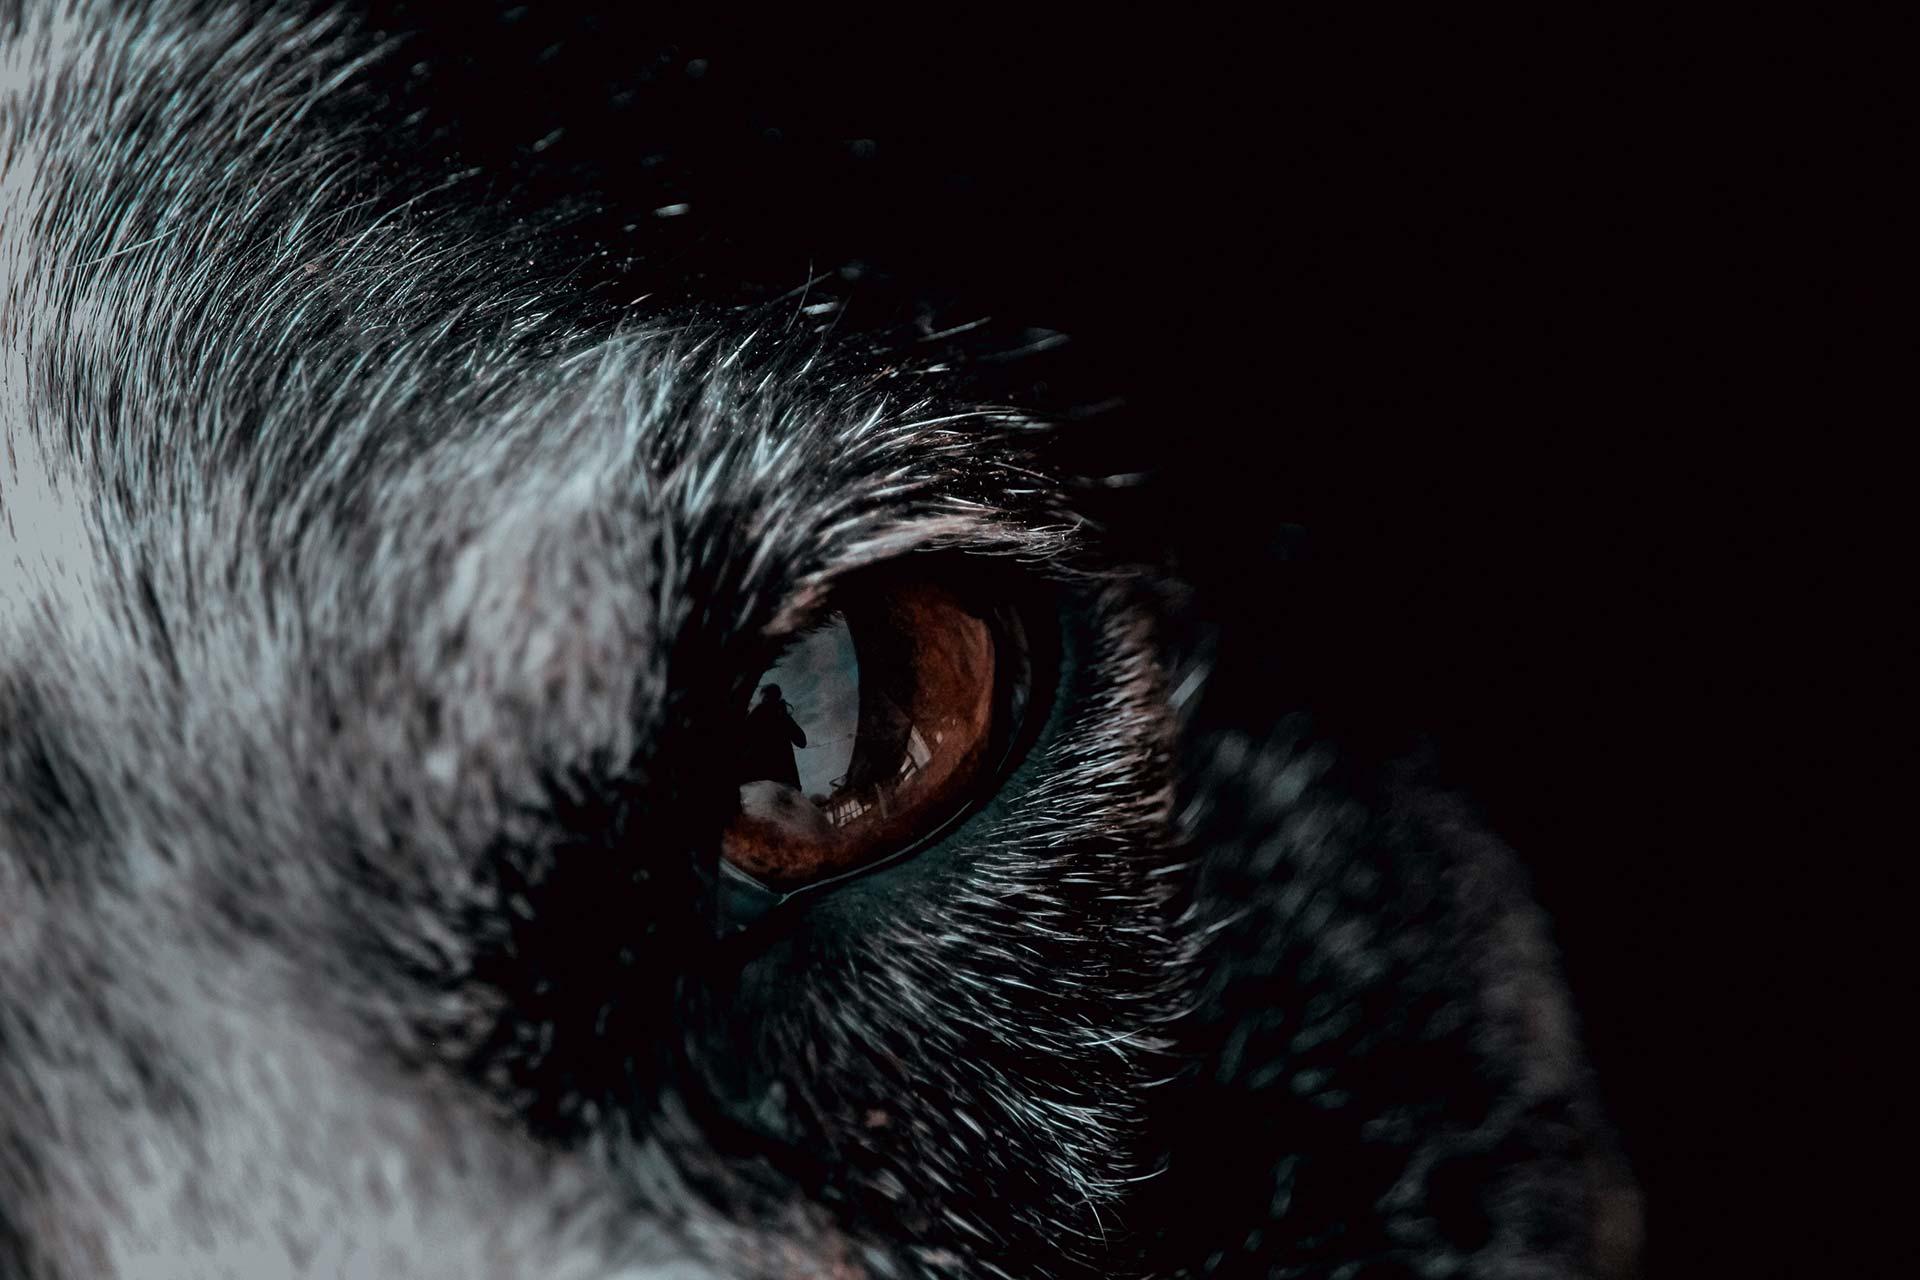 Gros plan sur un oeil jaune du loup